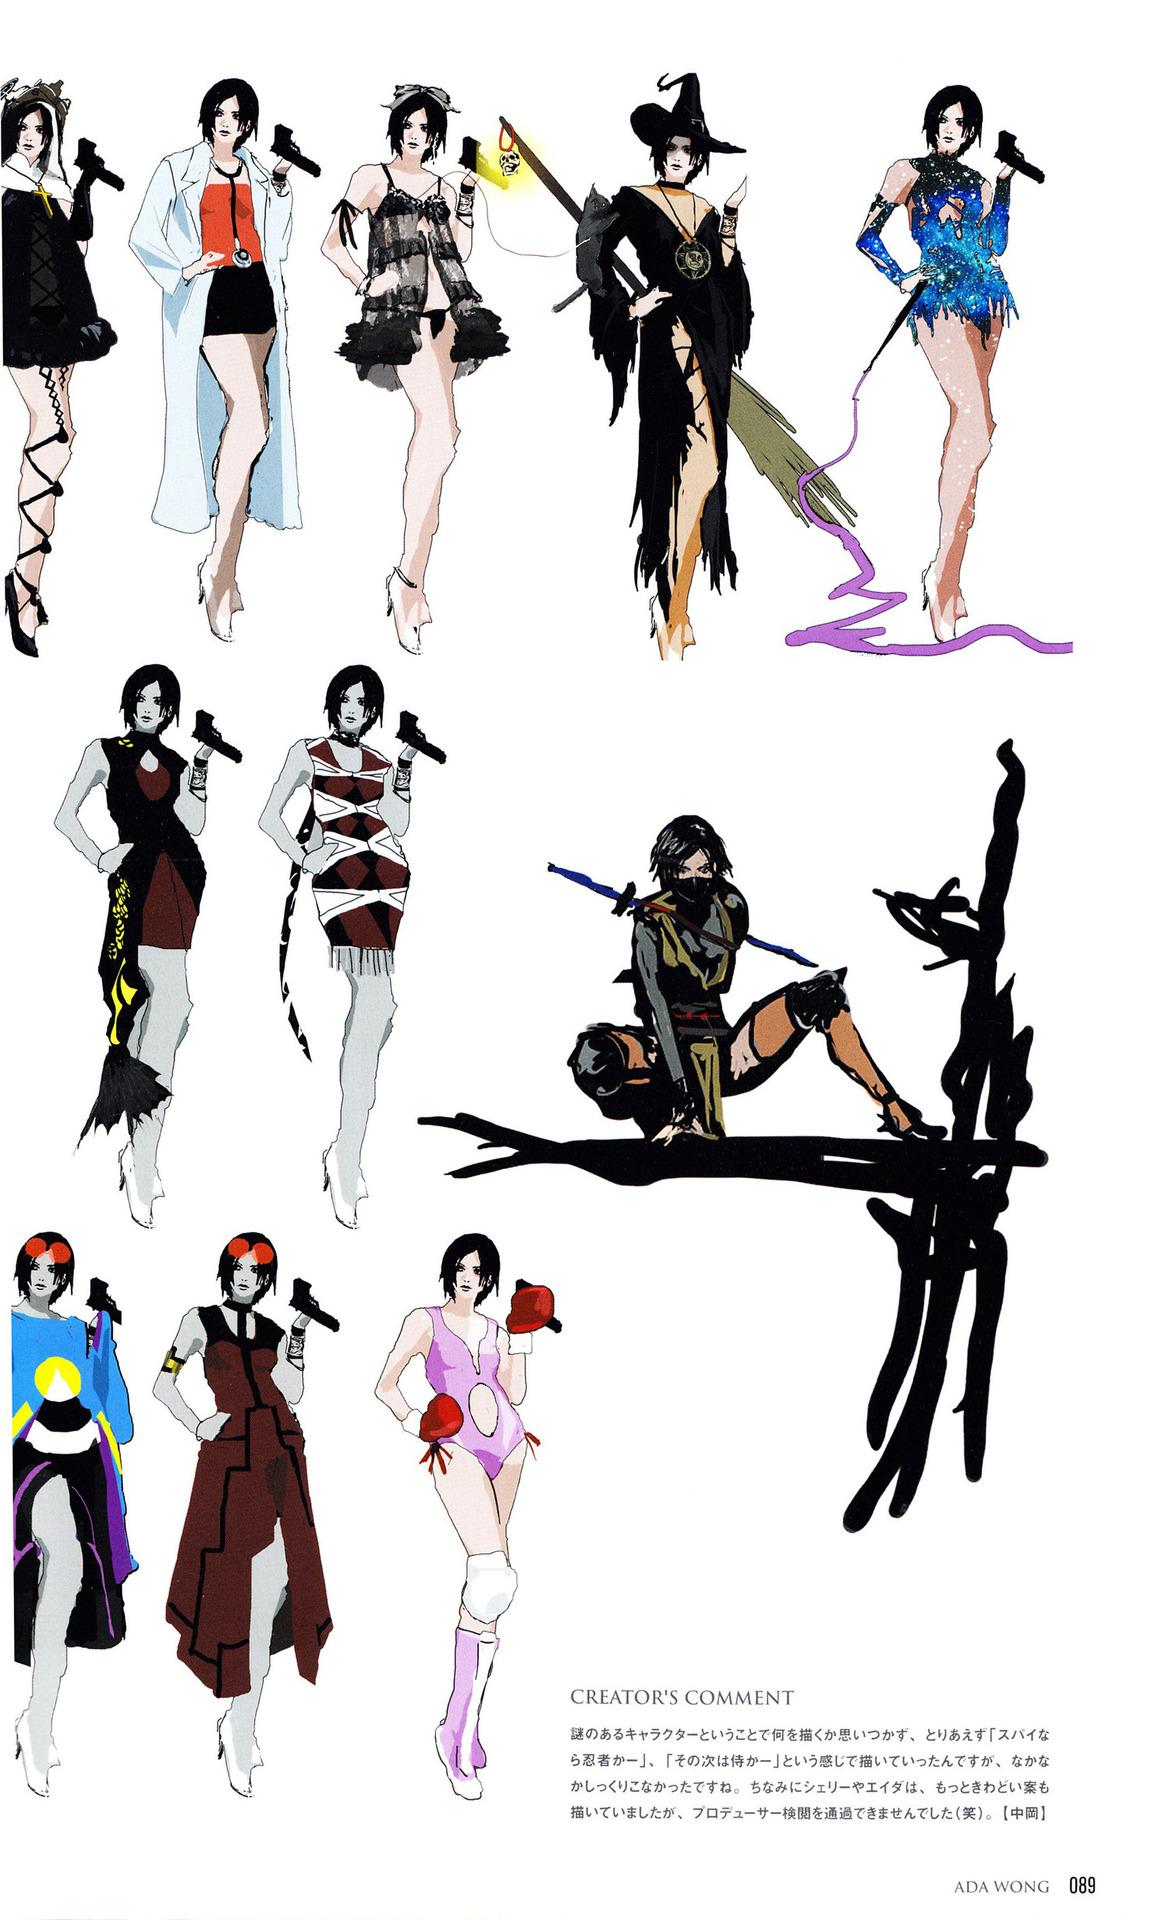 CREATORu0027S COMMENT 謎のあるキャラクターということで何を描くか思いつかず、